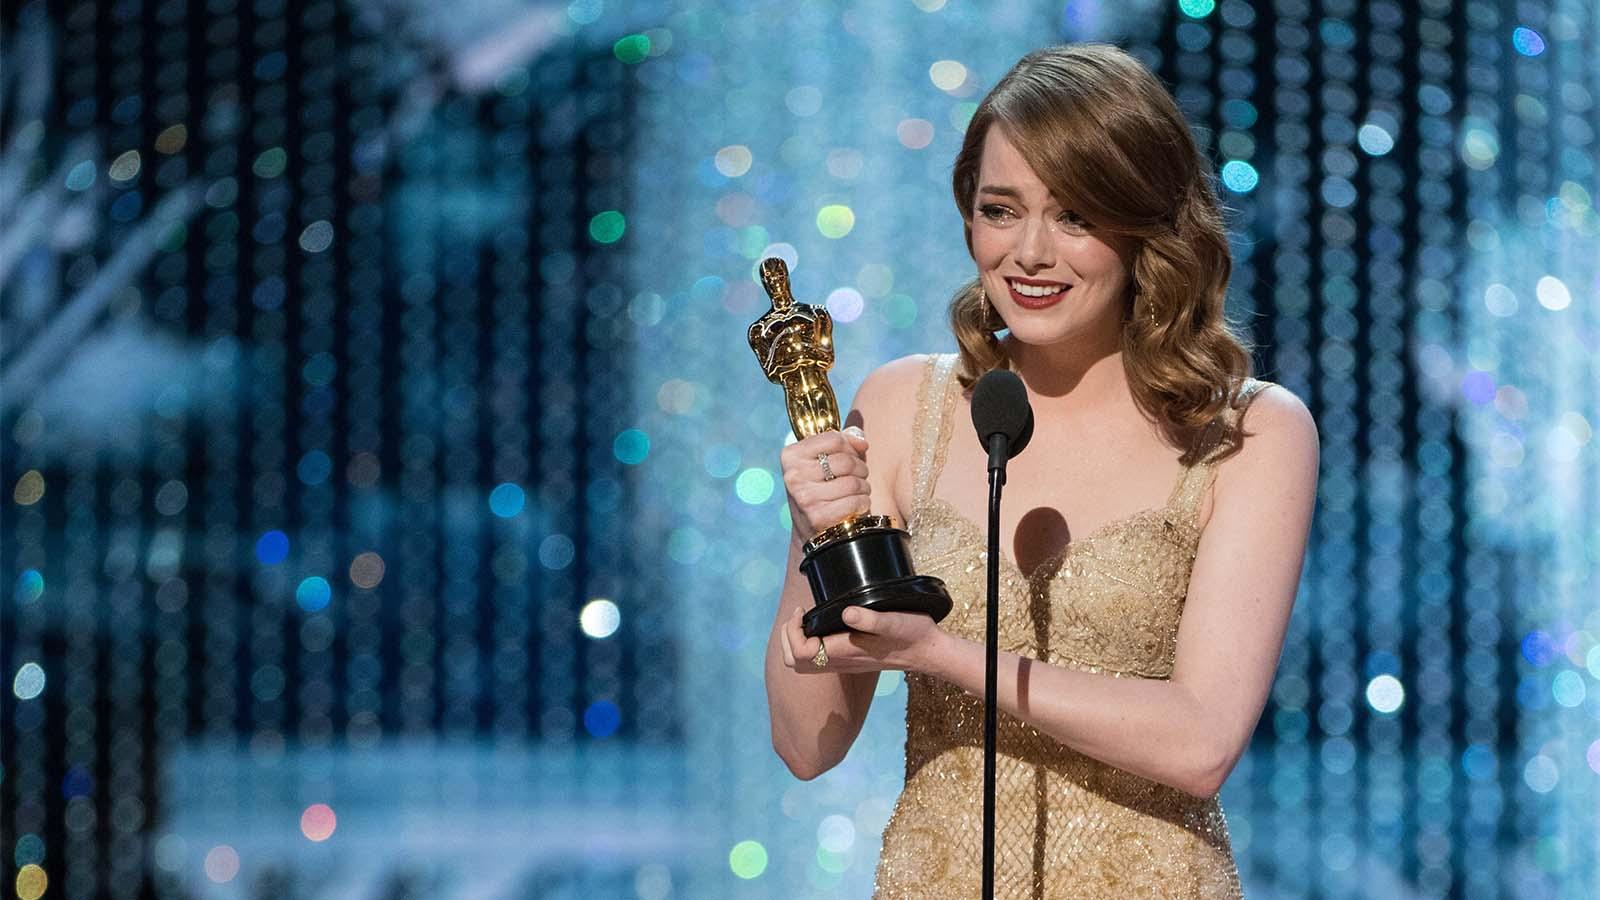 La actriz Emma Stone recibió emocionada el galardón como mejor actriz, como apuntaban todas las apuestas.